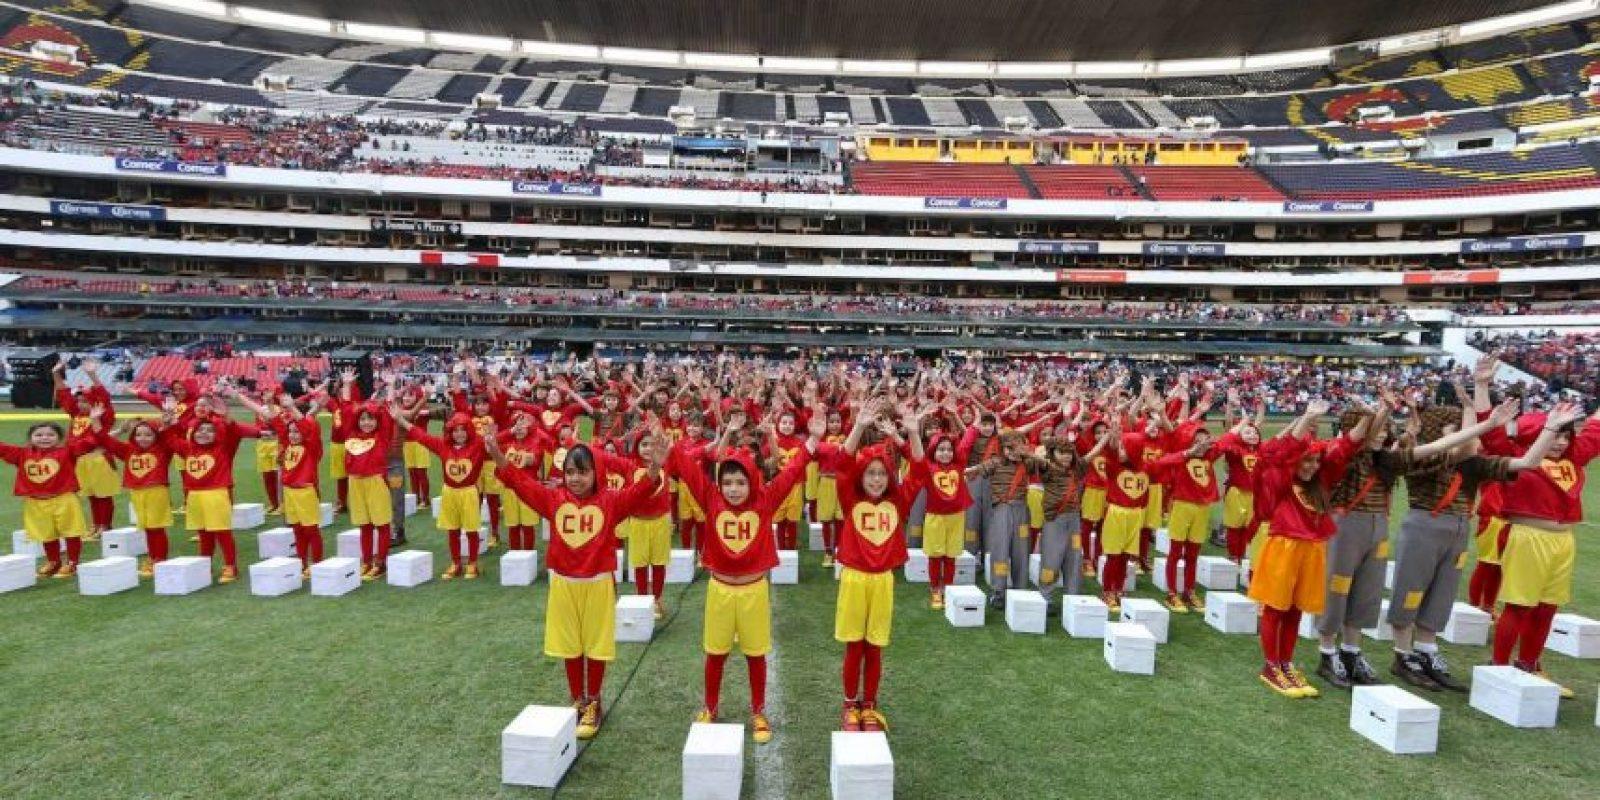 Posteriormente abrieron diversas cajas blancas para liberar palomas en honor al comediante Foto:Pedro Álvarez – Facebook.com/EstadioAztecaOficial